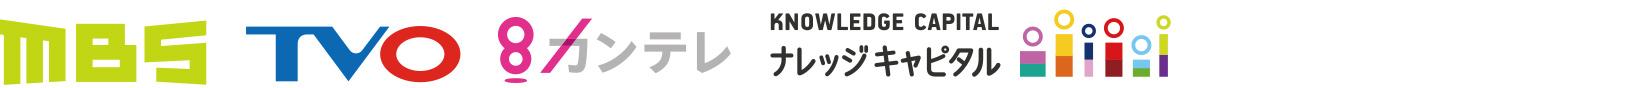 毎日放送/テレビ大阪/関西テレビ放送/ナレッジキャピタル